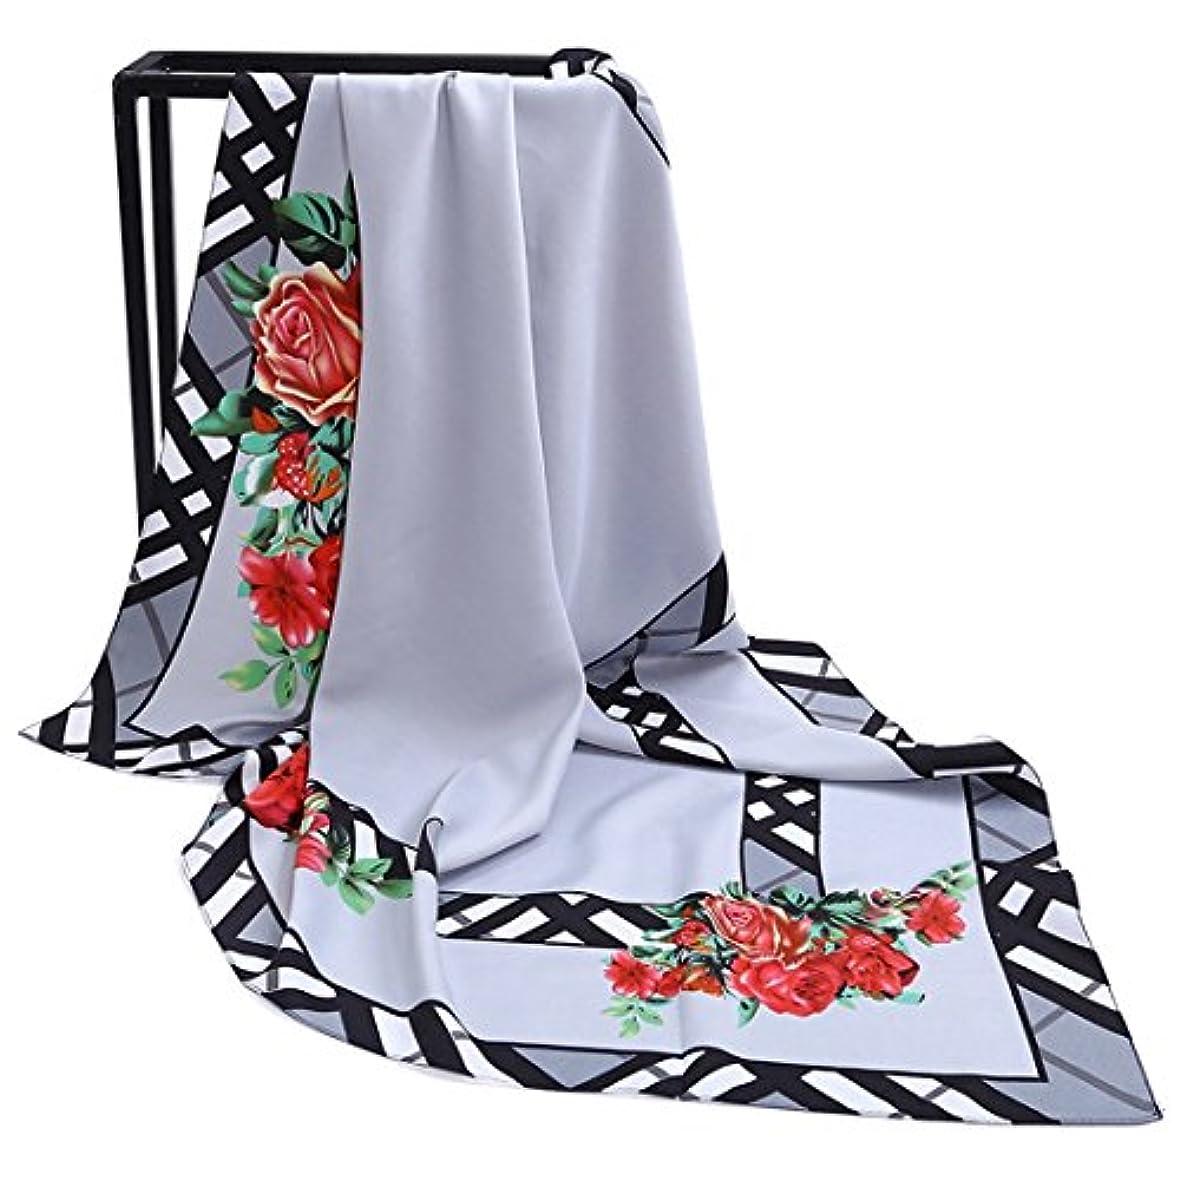 マイルド鍔あたり女性用スカーフ軽量スカーフフラワープリントツイルシルクラージスクエアスカーフレディーススカーフ